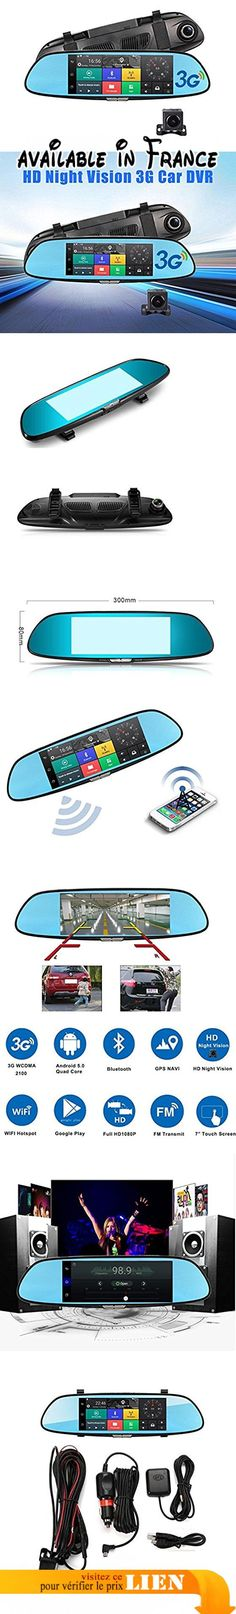 par Hellenhe 17,8cm de voiture Smart Miroir, WiFi, GPS Navigation SAT NAV, double lentille HD 1080p Dash Camera, écran tactile, Rétroviseur caméra de recul, Android 4.4+ carte SD 16Go. Quad Core CPU: mt6582Quad Core 1,3GHz, le processeur de haute performance intègre Android 5.0Lollipop systèmes intelligents, il font de la voiture DVR fonctionne plus rapidement, avec souplesse et stablely comparé à Android 4.4.. Navigation GPS: téléchargez vos favoris